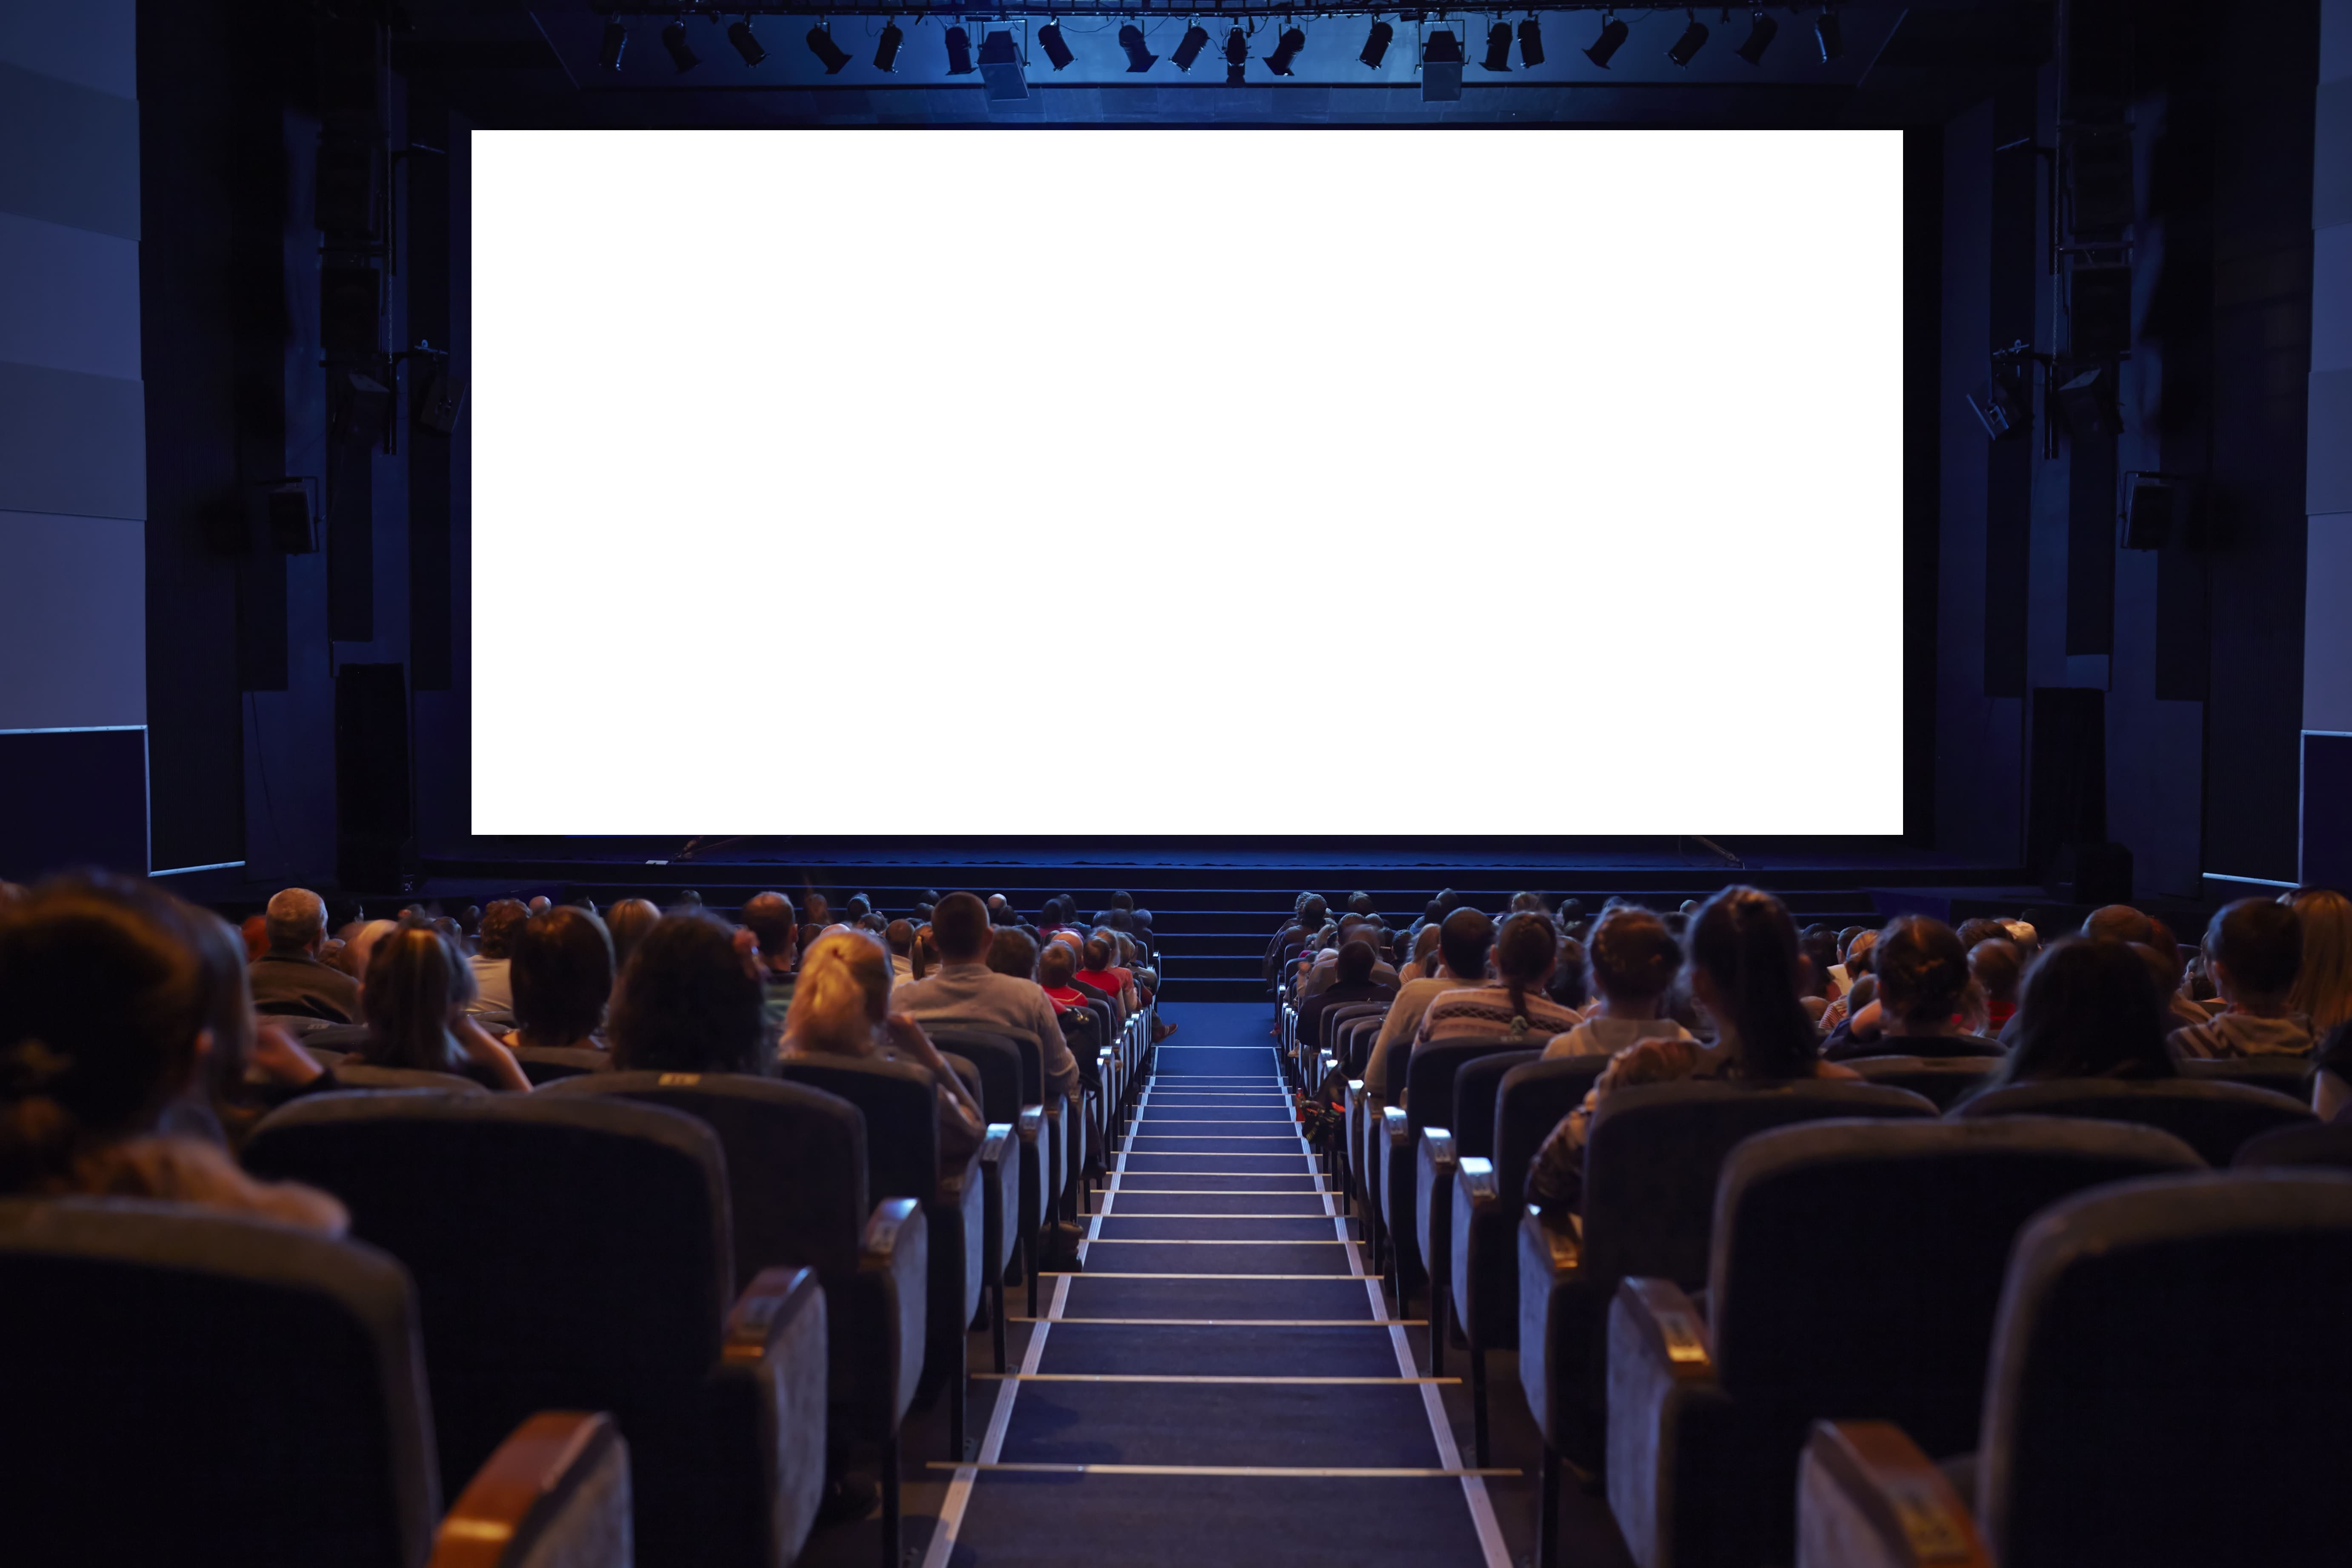 映画館 ダイナミックプライシング